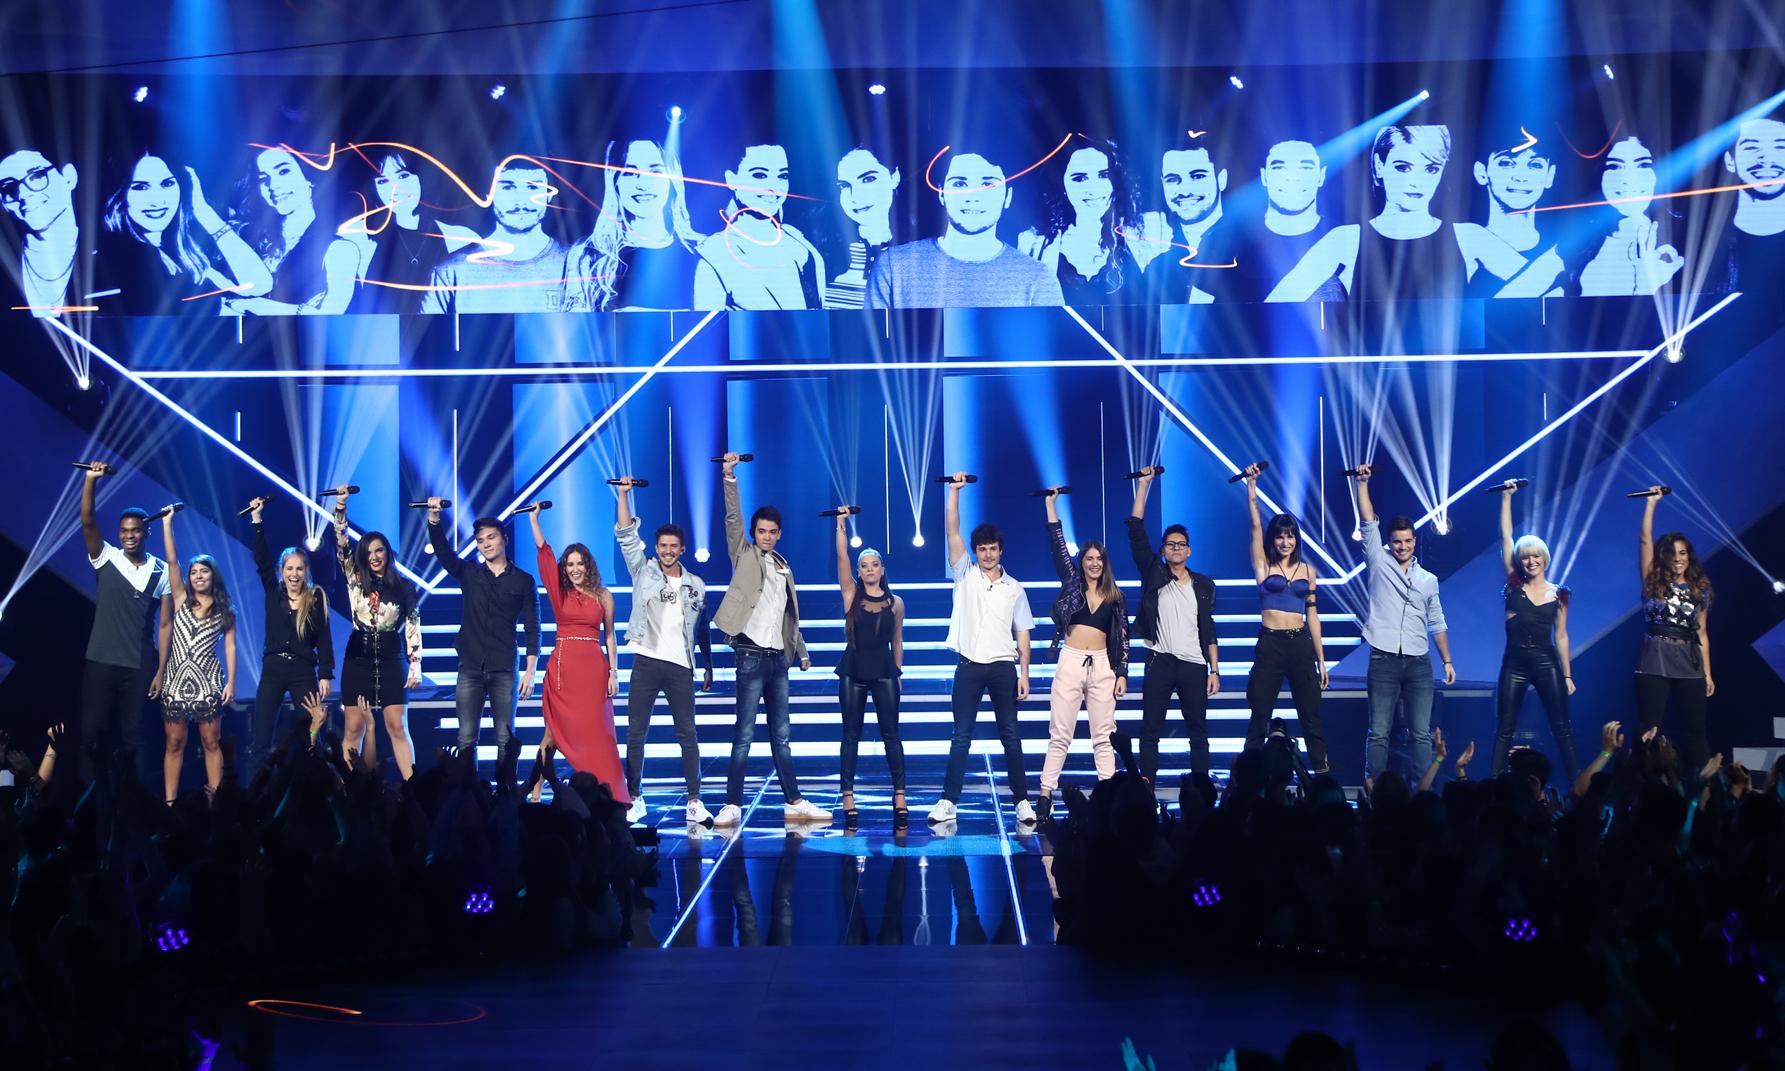 Los concursantes de Operación Triunfo 2018